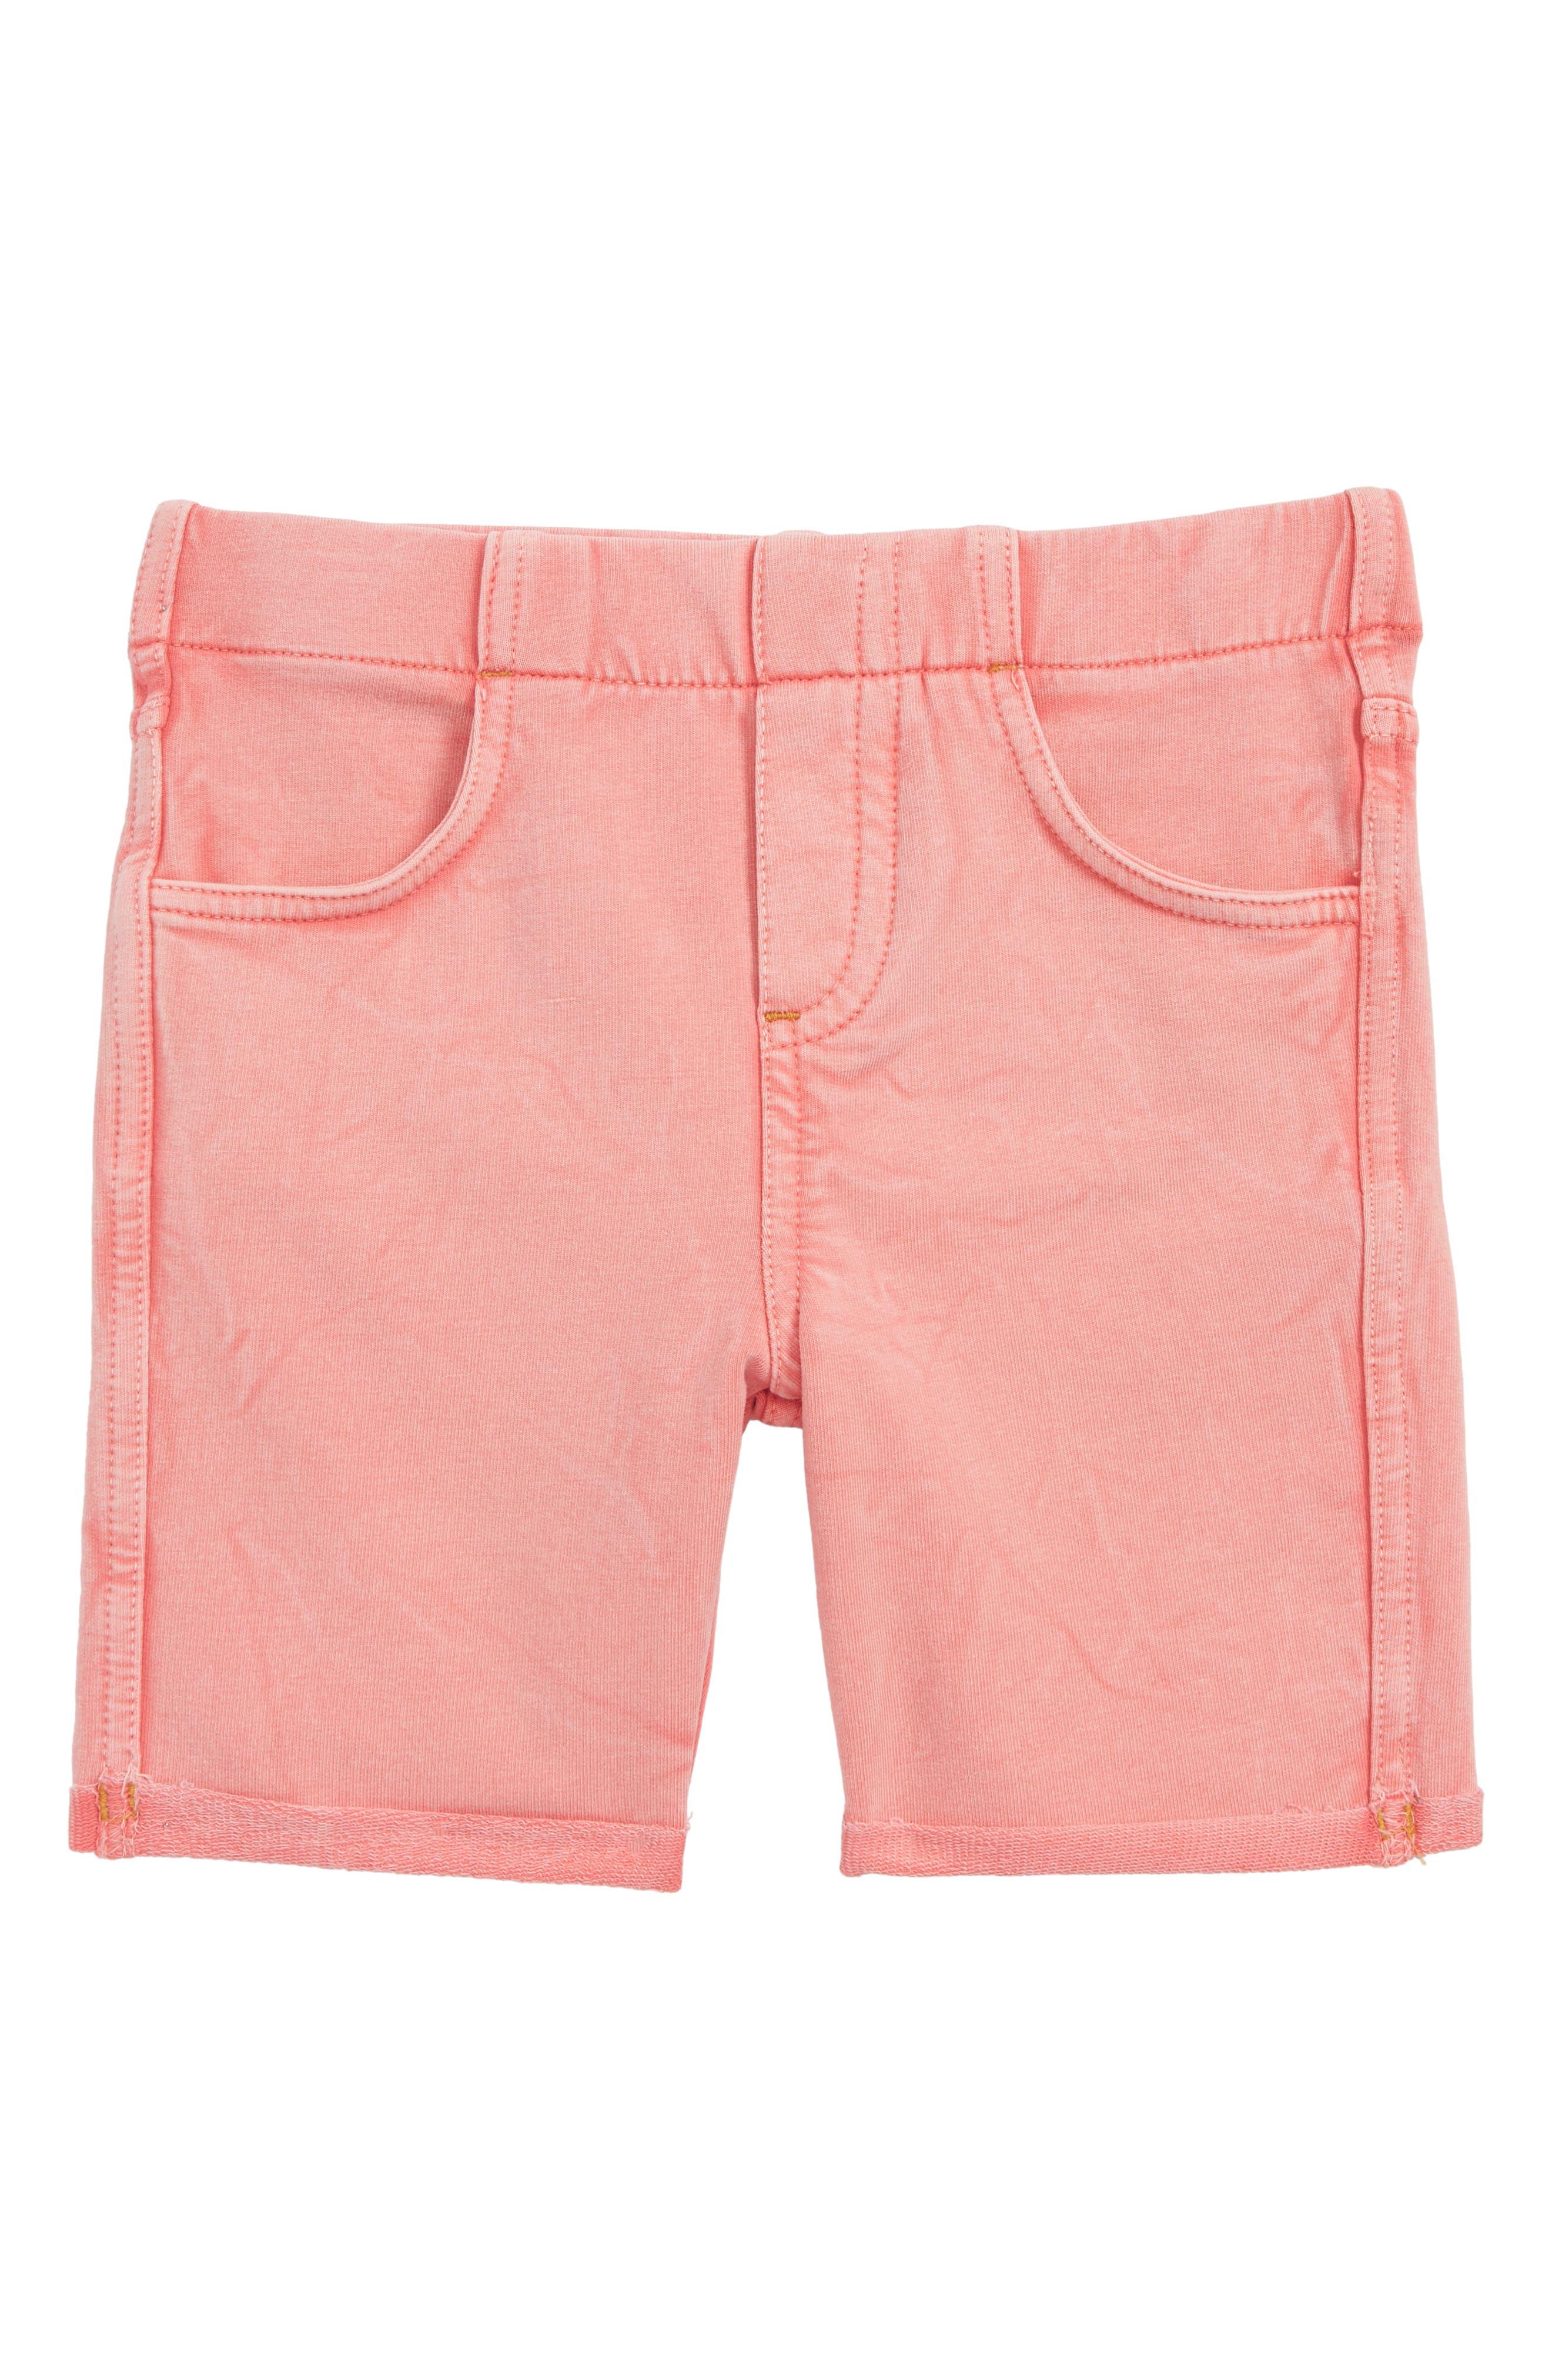 'Jenna' Jegging Shorts,                             Main thumbnail 1, color,                             Coral Shell Wash